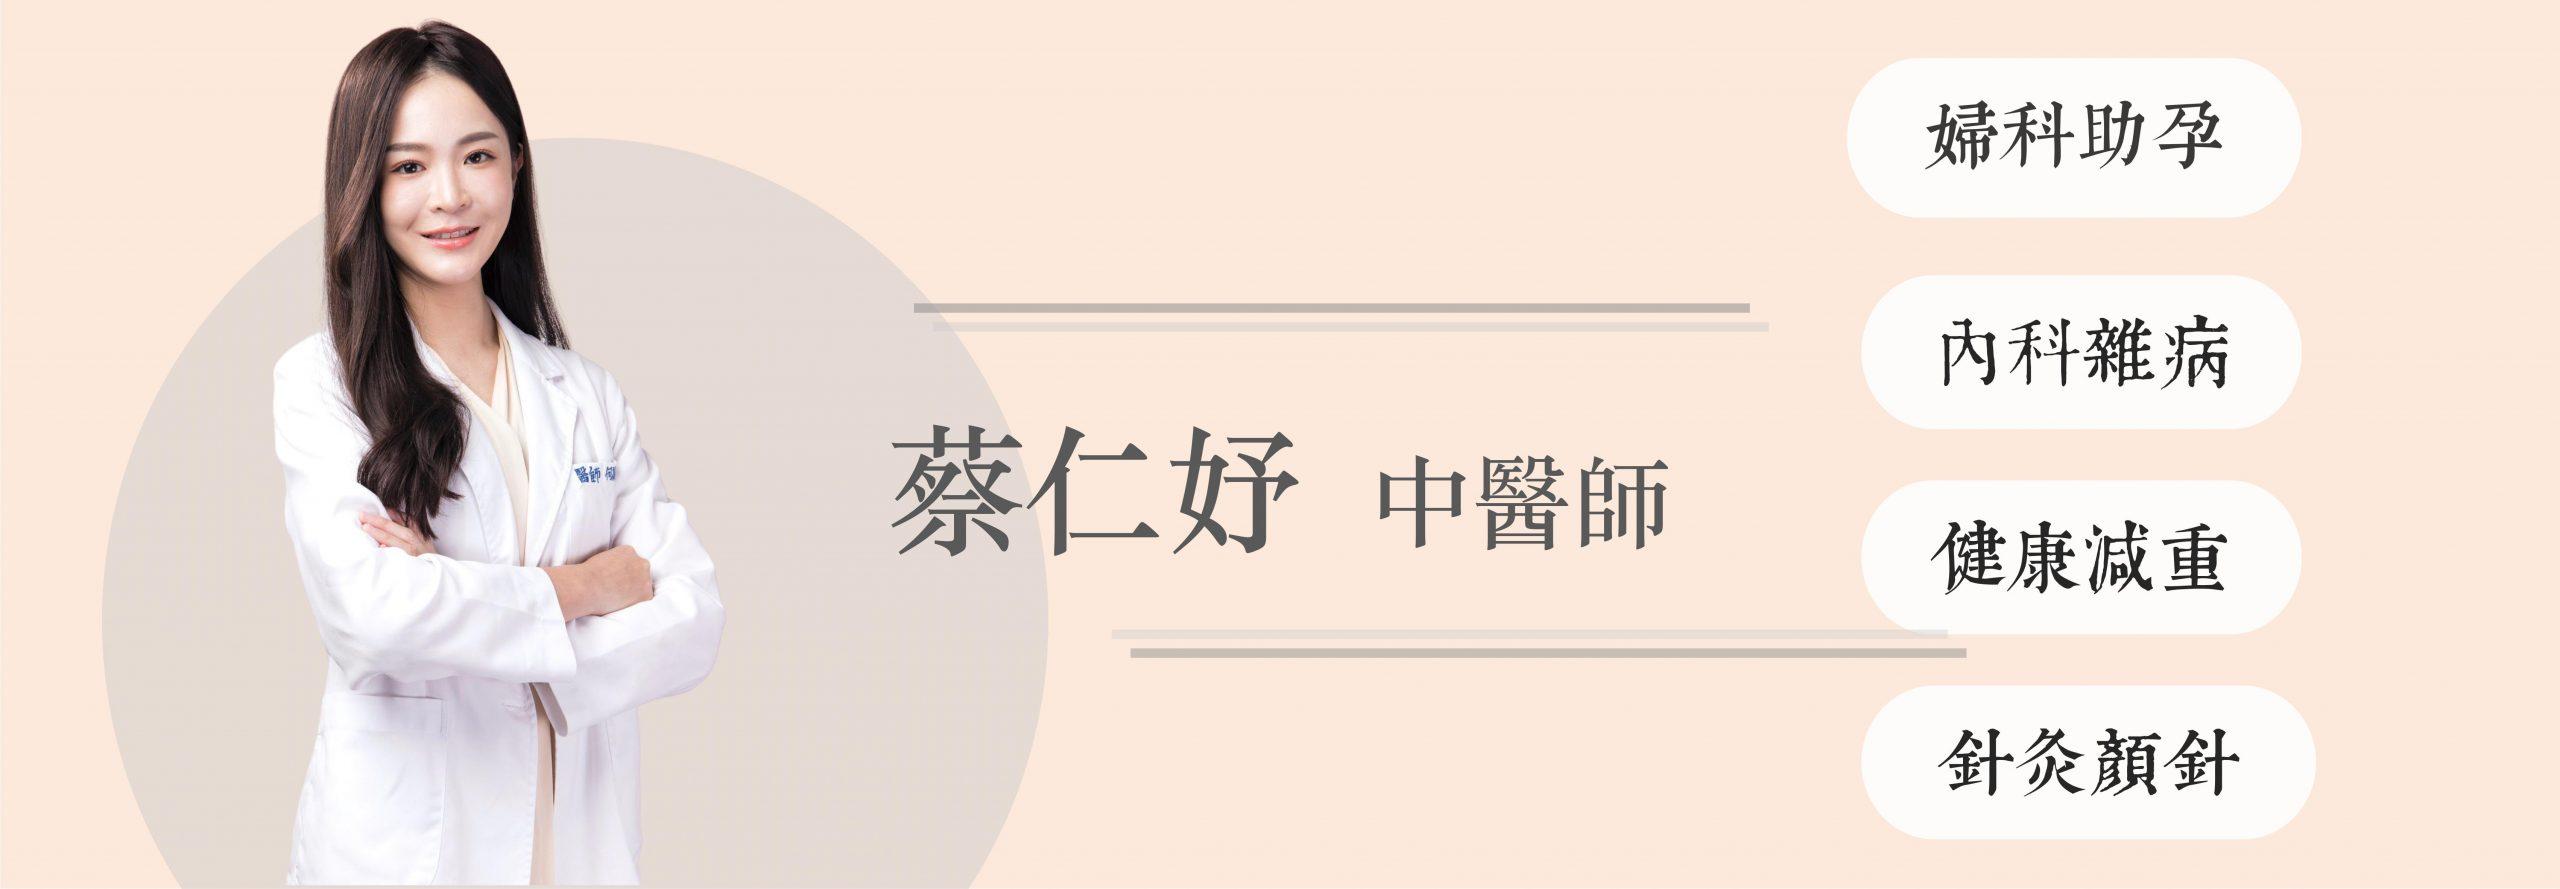 蔡仁妤中醫師 | 解病雜貨店